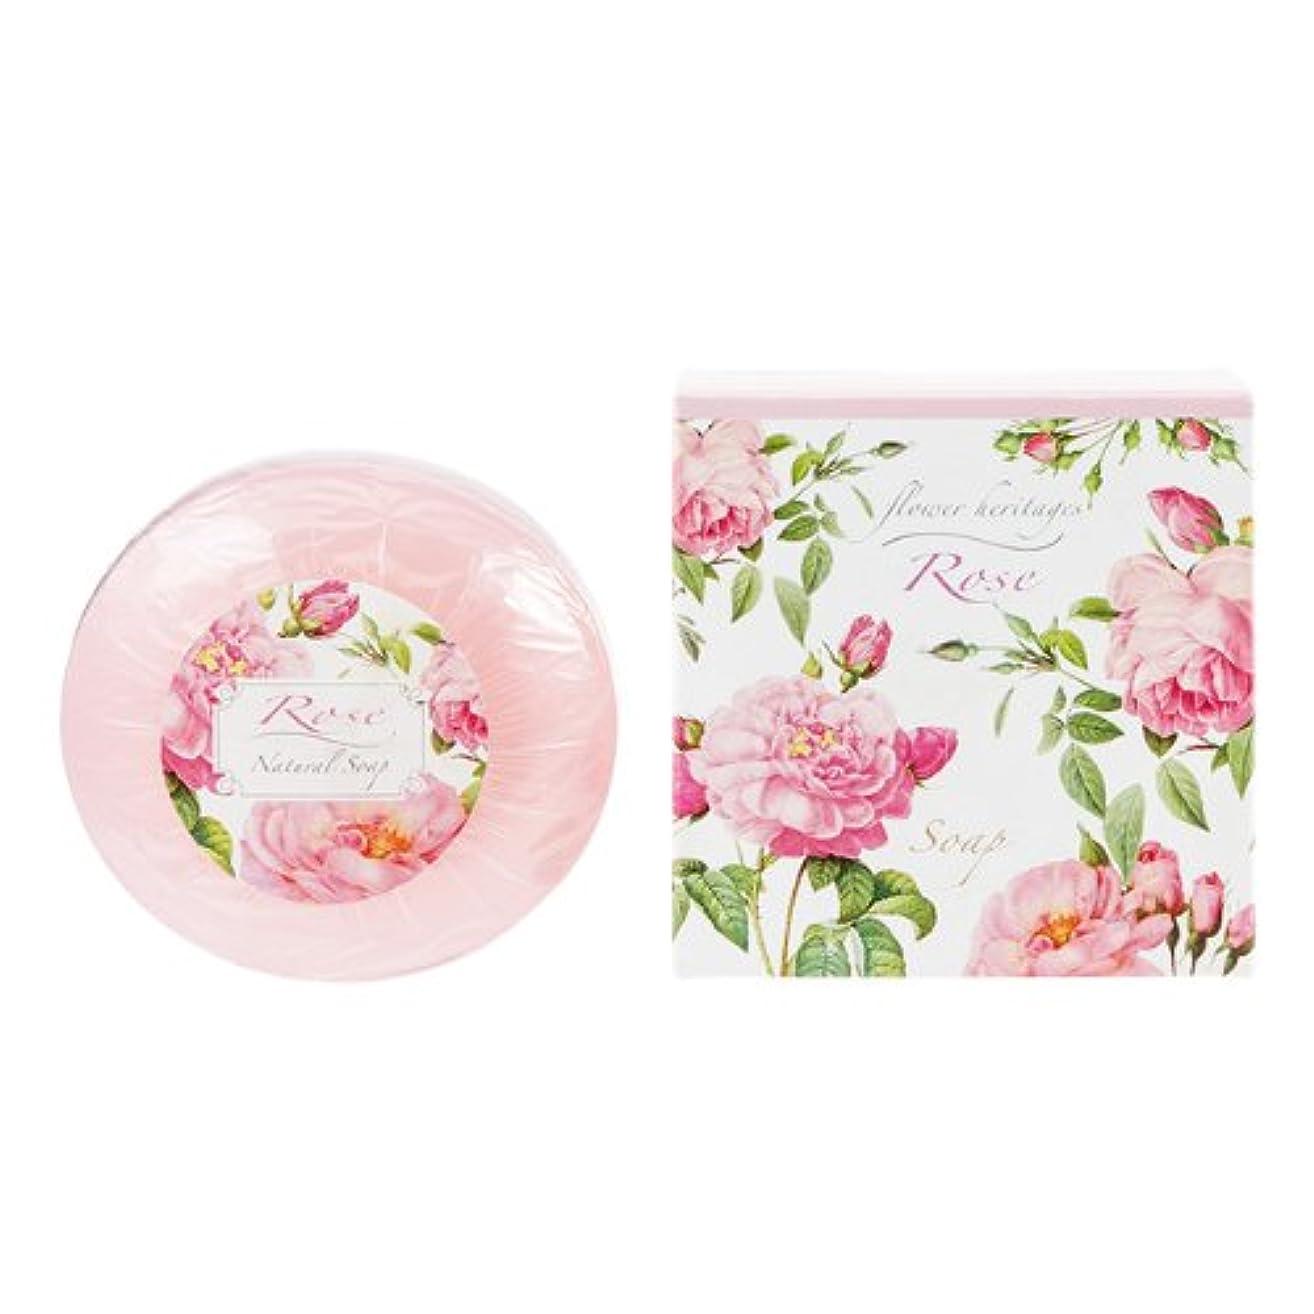 採用する売上高失望ネイチャータッチ (Nature Touch) Flower Heritage ソープ120g/ローズ